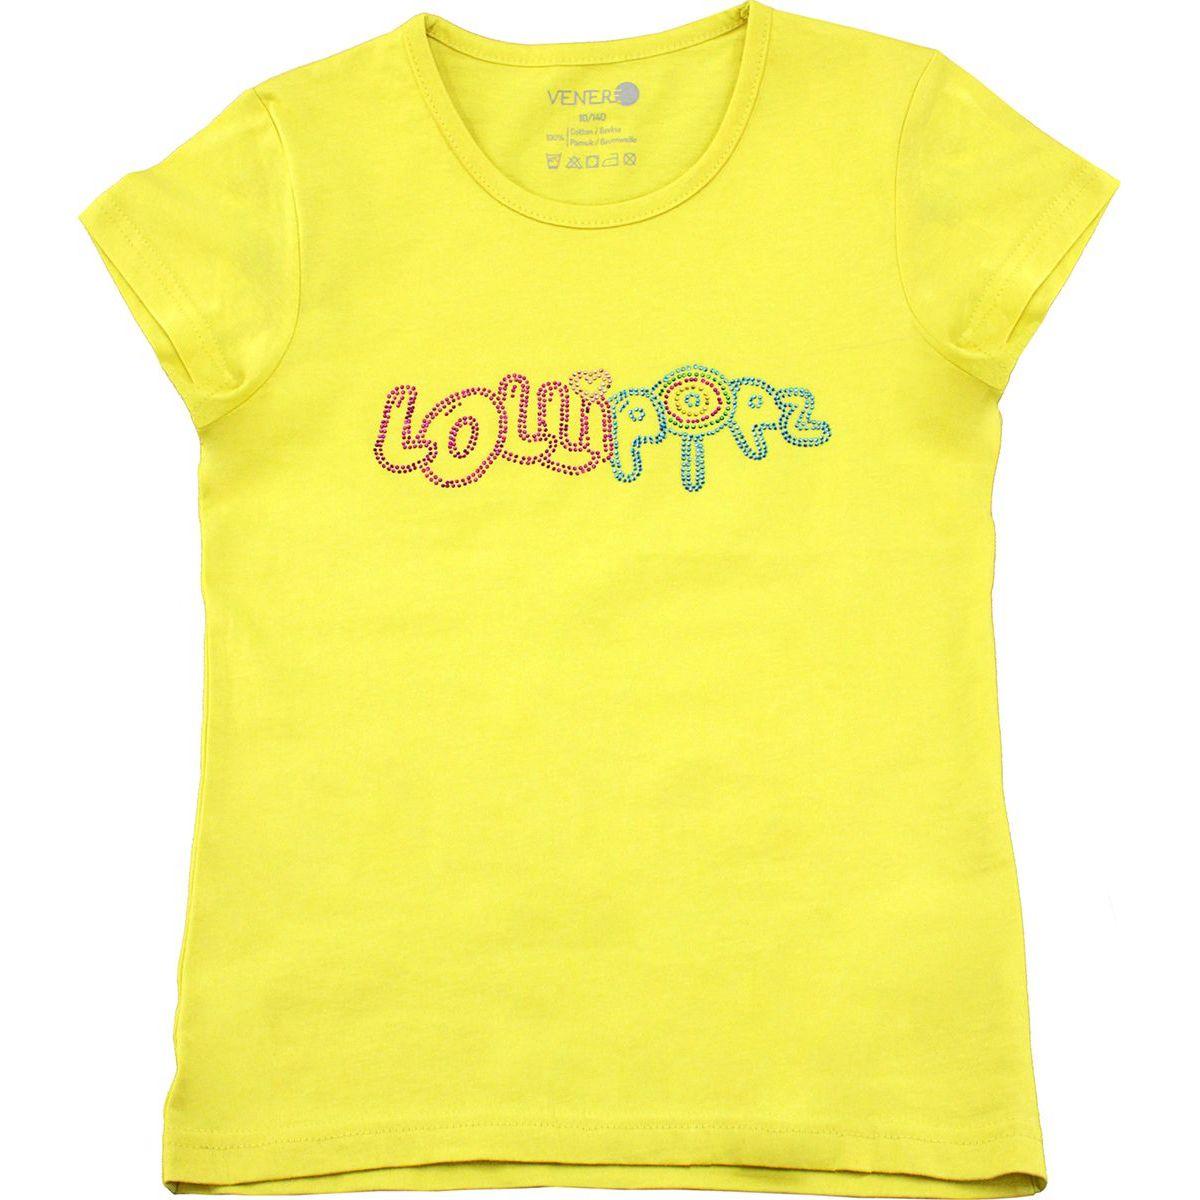 Tričko Lollipopz s kamínkovou aplikací žluté, velikost 152 cm (12 let)